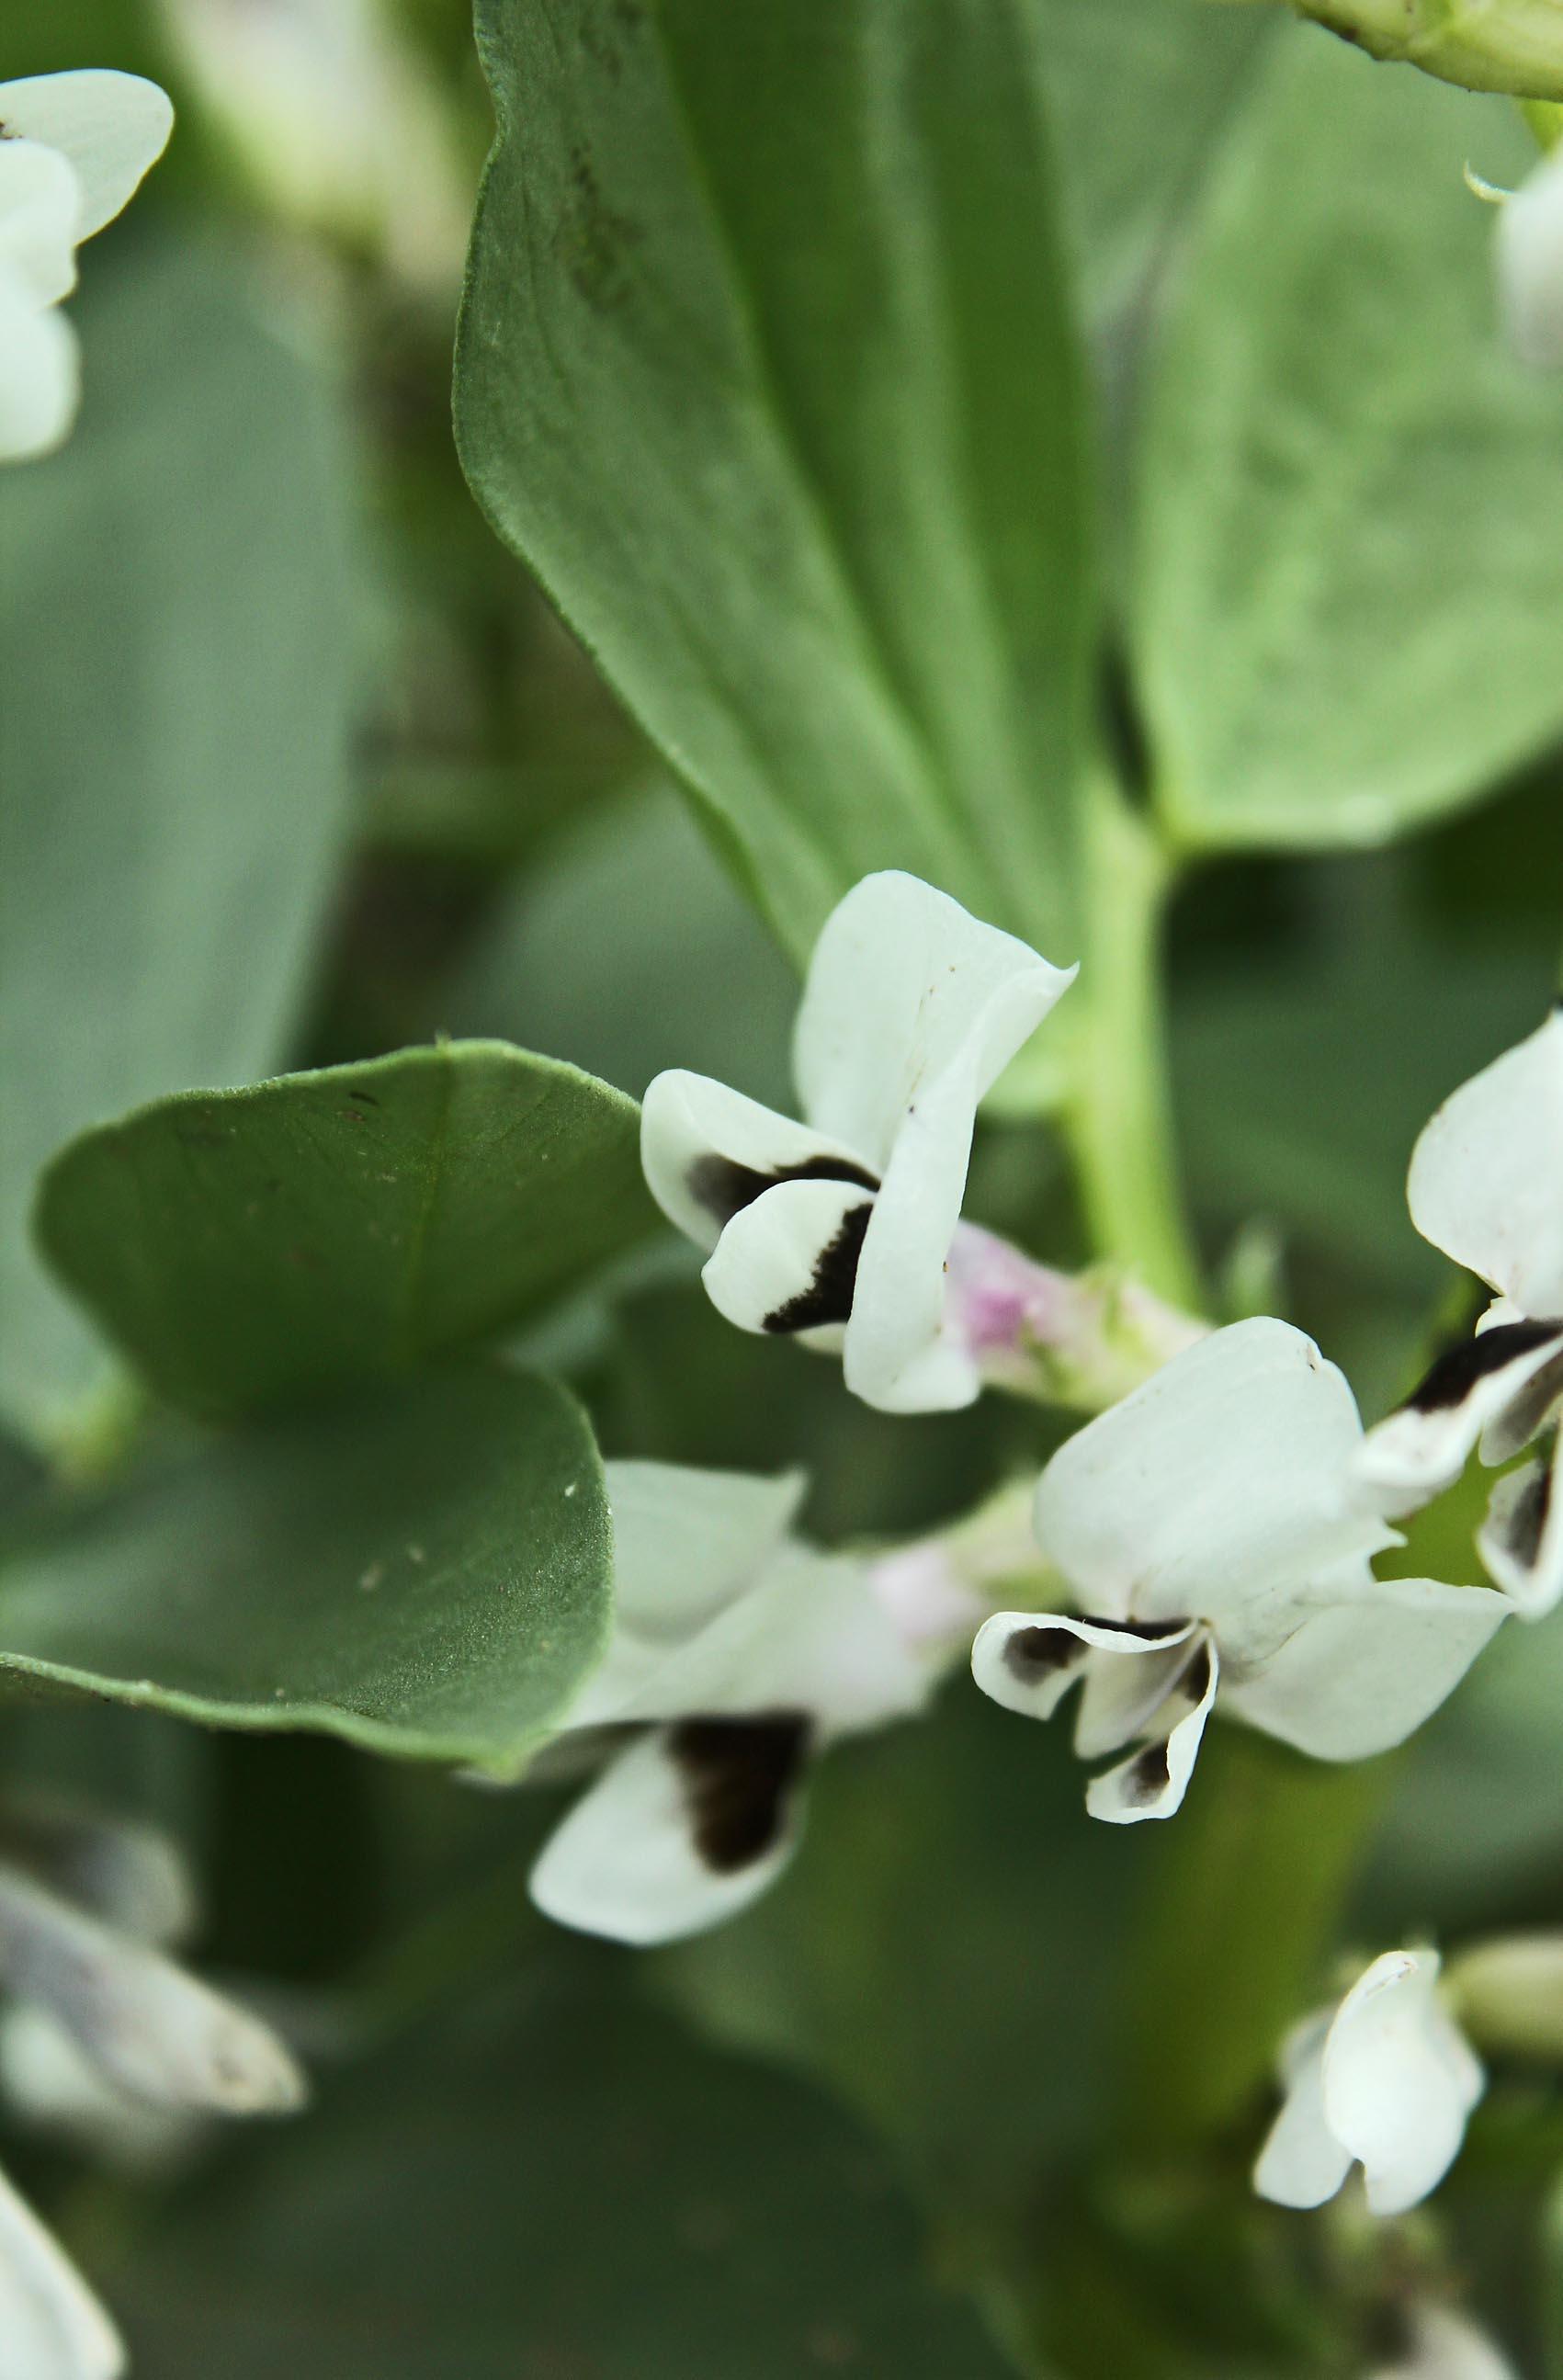 Ackerbohnen-Blüte